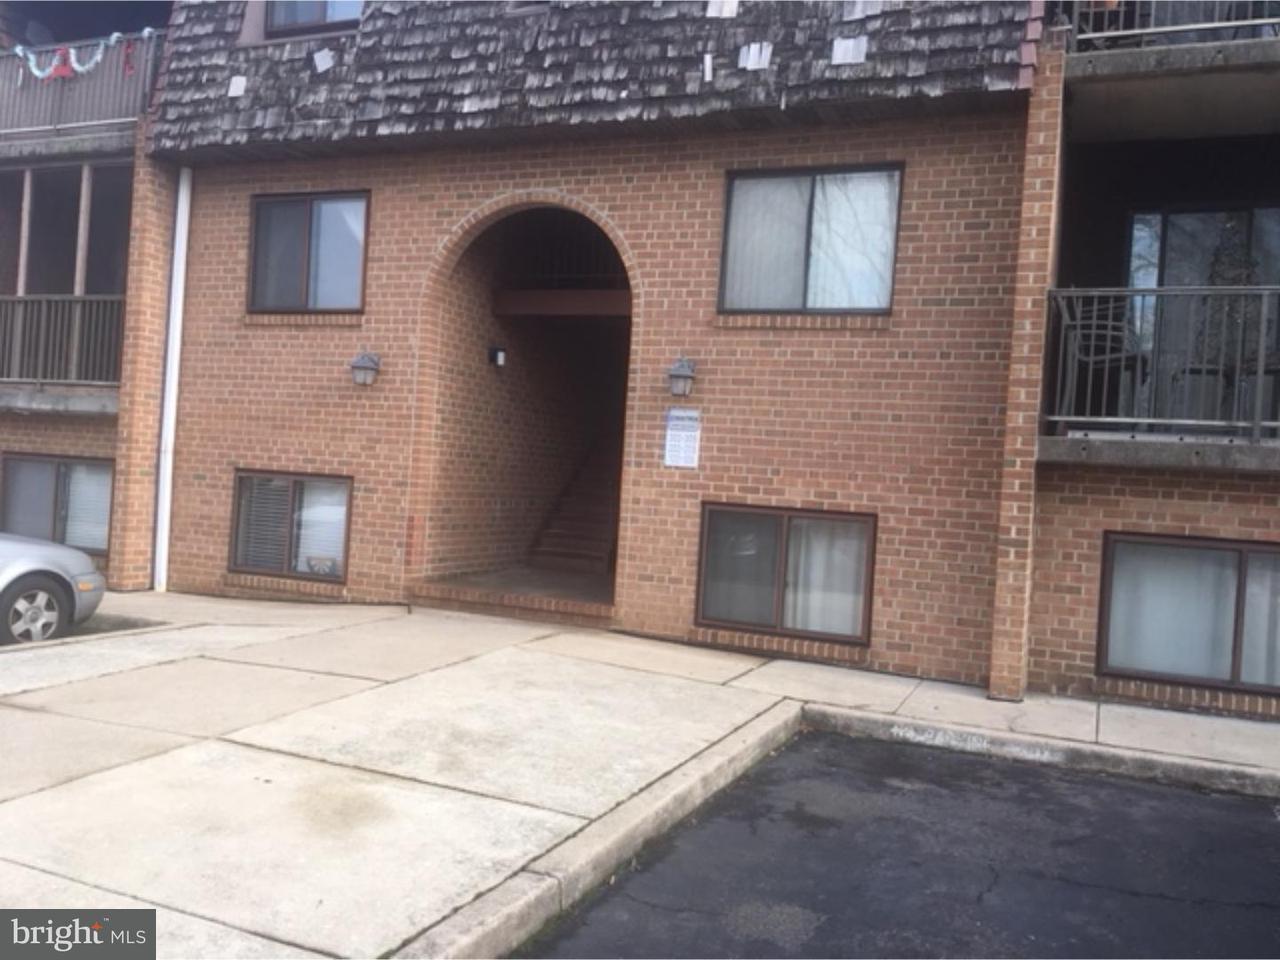 Casa Unifamiliar por un Alquiler en 316 WHITE HORSE PIKE #303 Collingswood, Nueva Jersey 08107 Estados Unidos